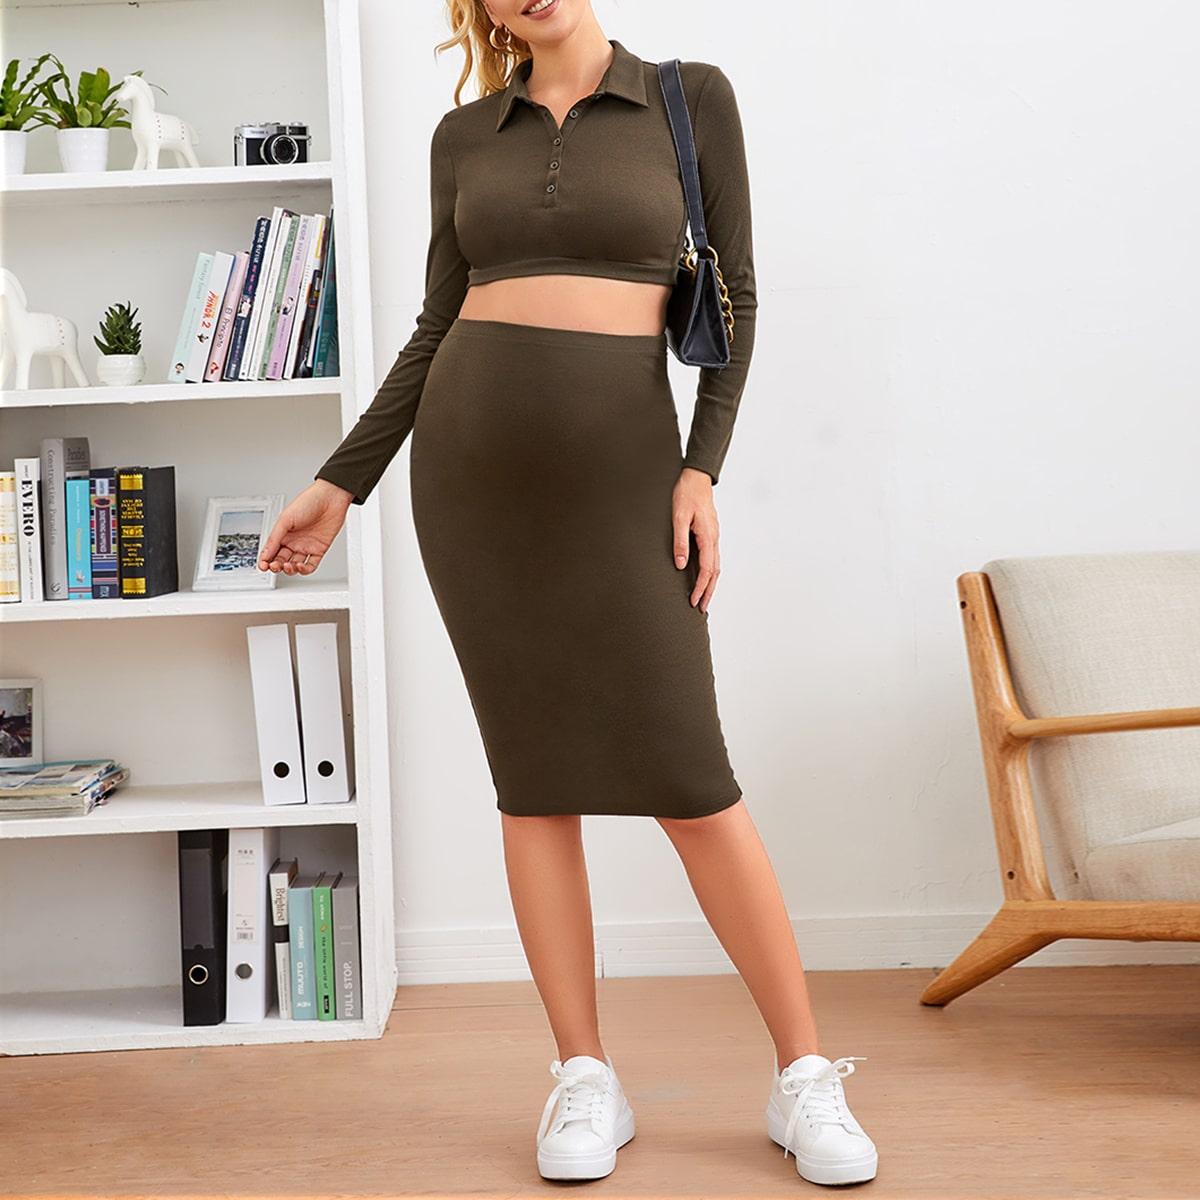 Короткий топ на пуговицах и юбка-карандаш для беременных